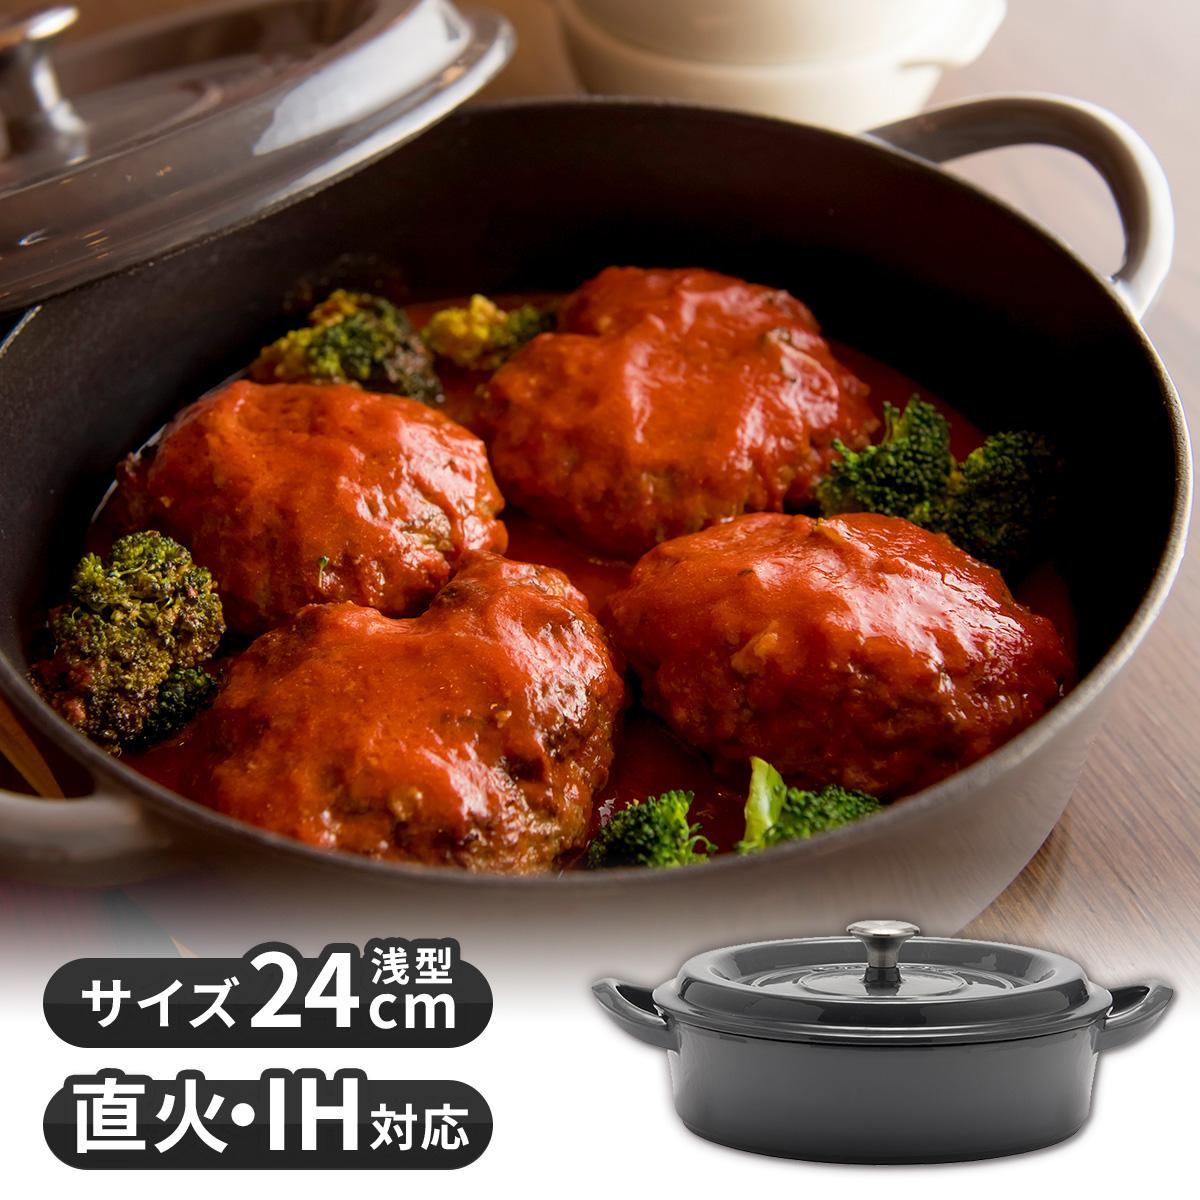 ★グッドプラス キャストポット24�浅型グレー(鉄鋳物ホーロー鍋)